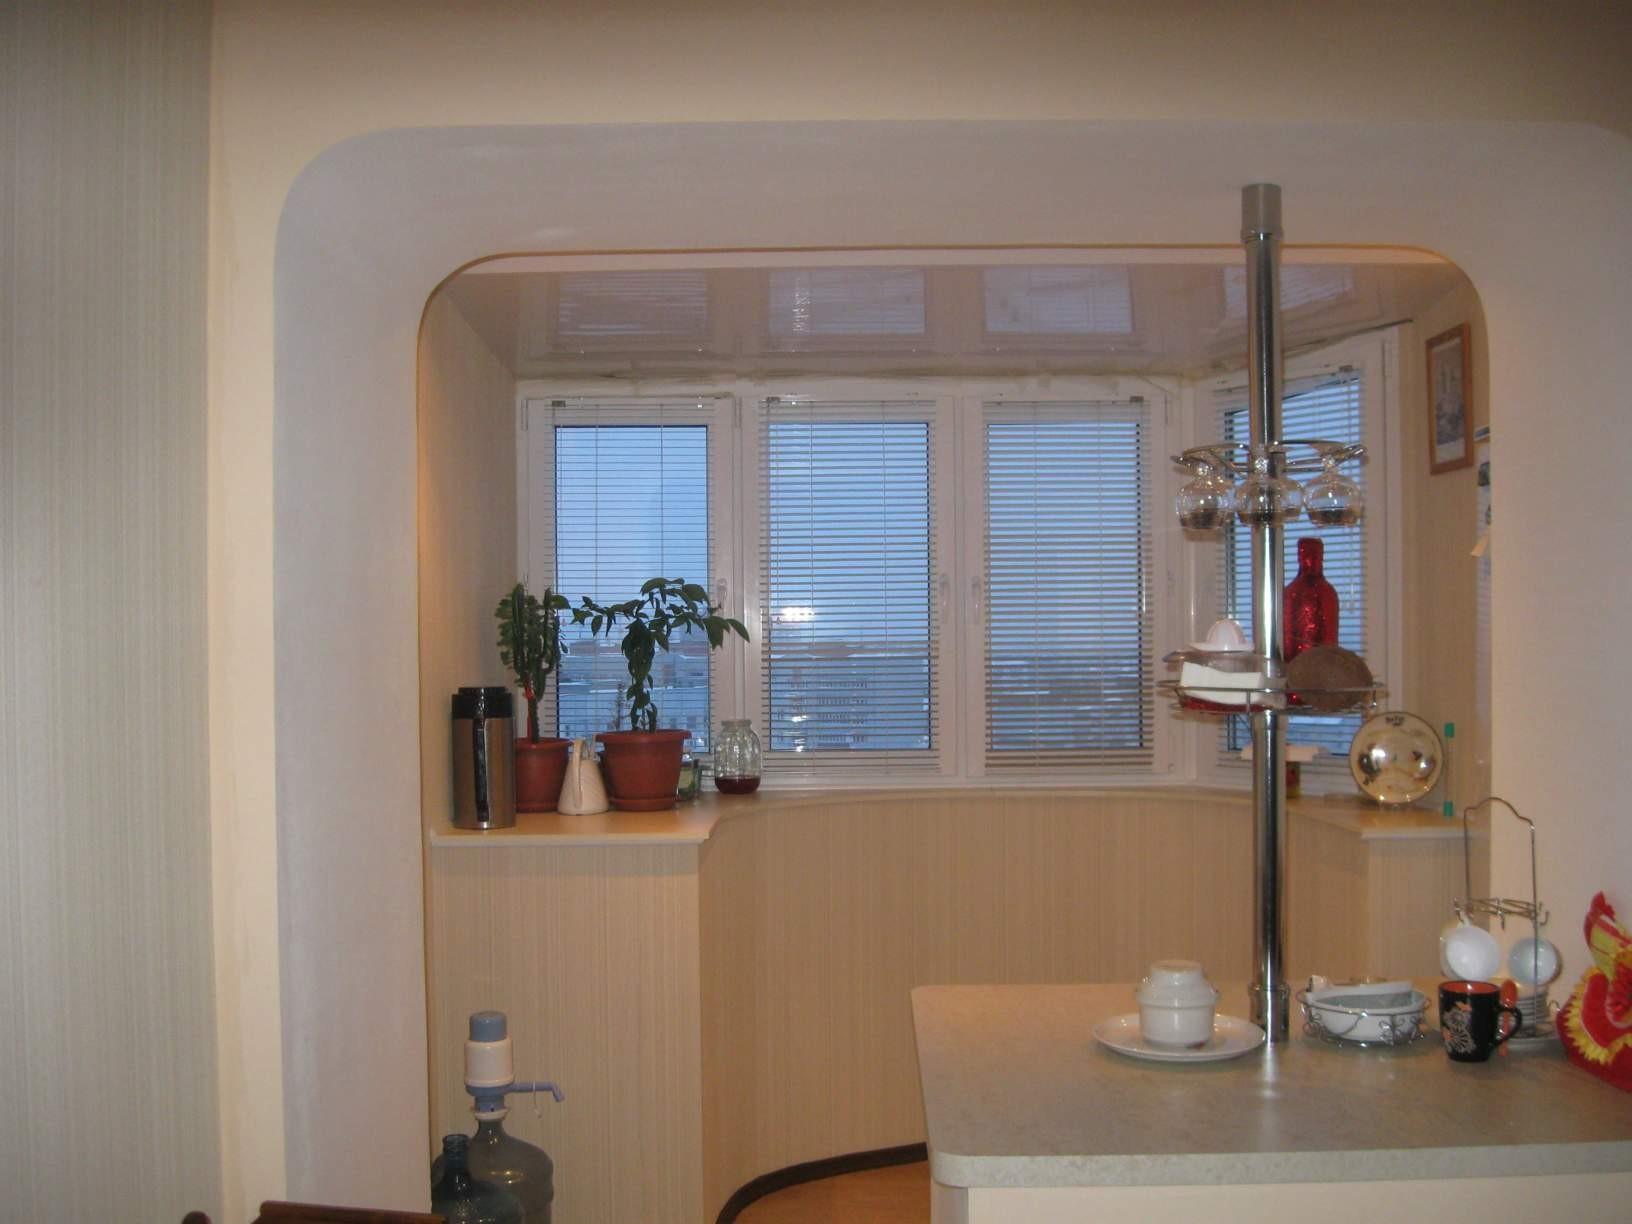 Кухня и балкон объединены это помогло